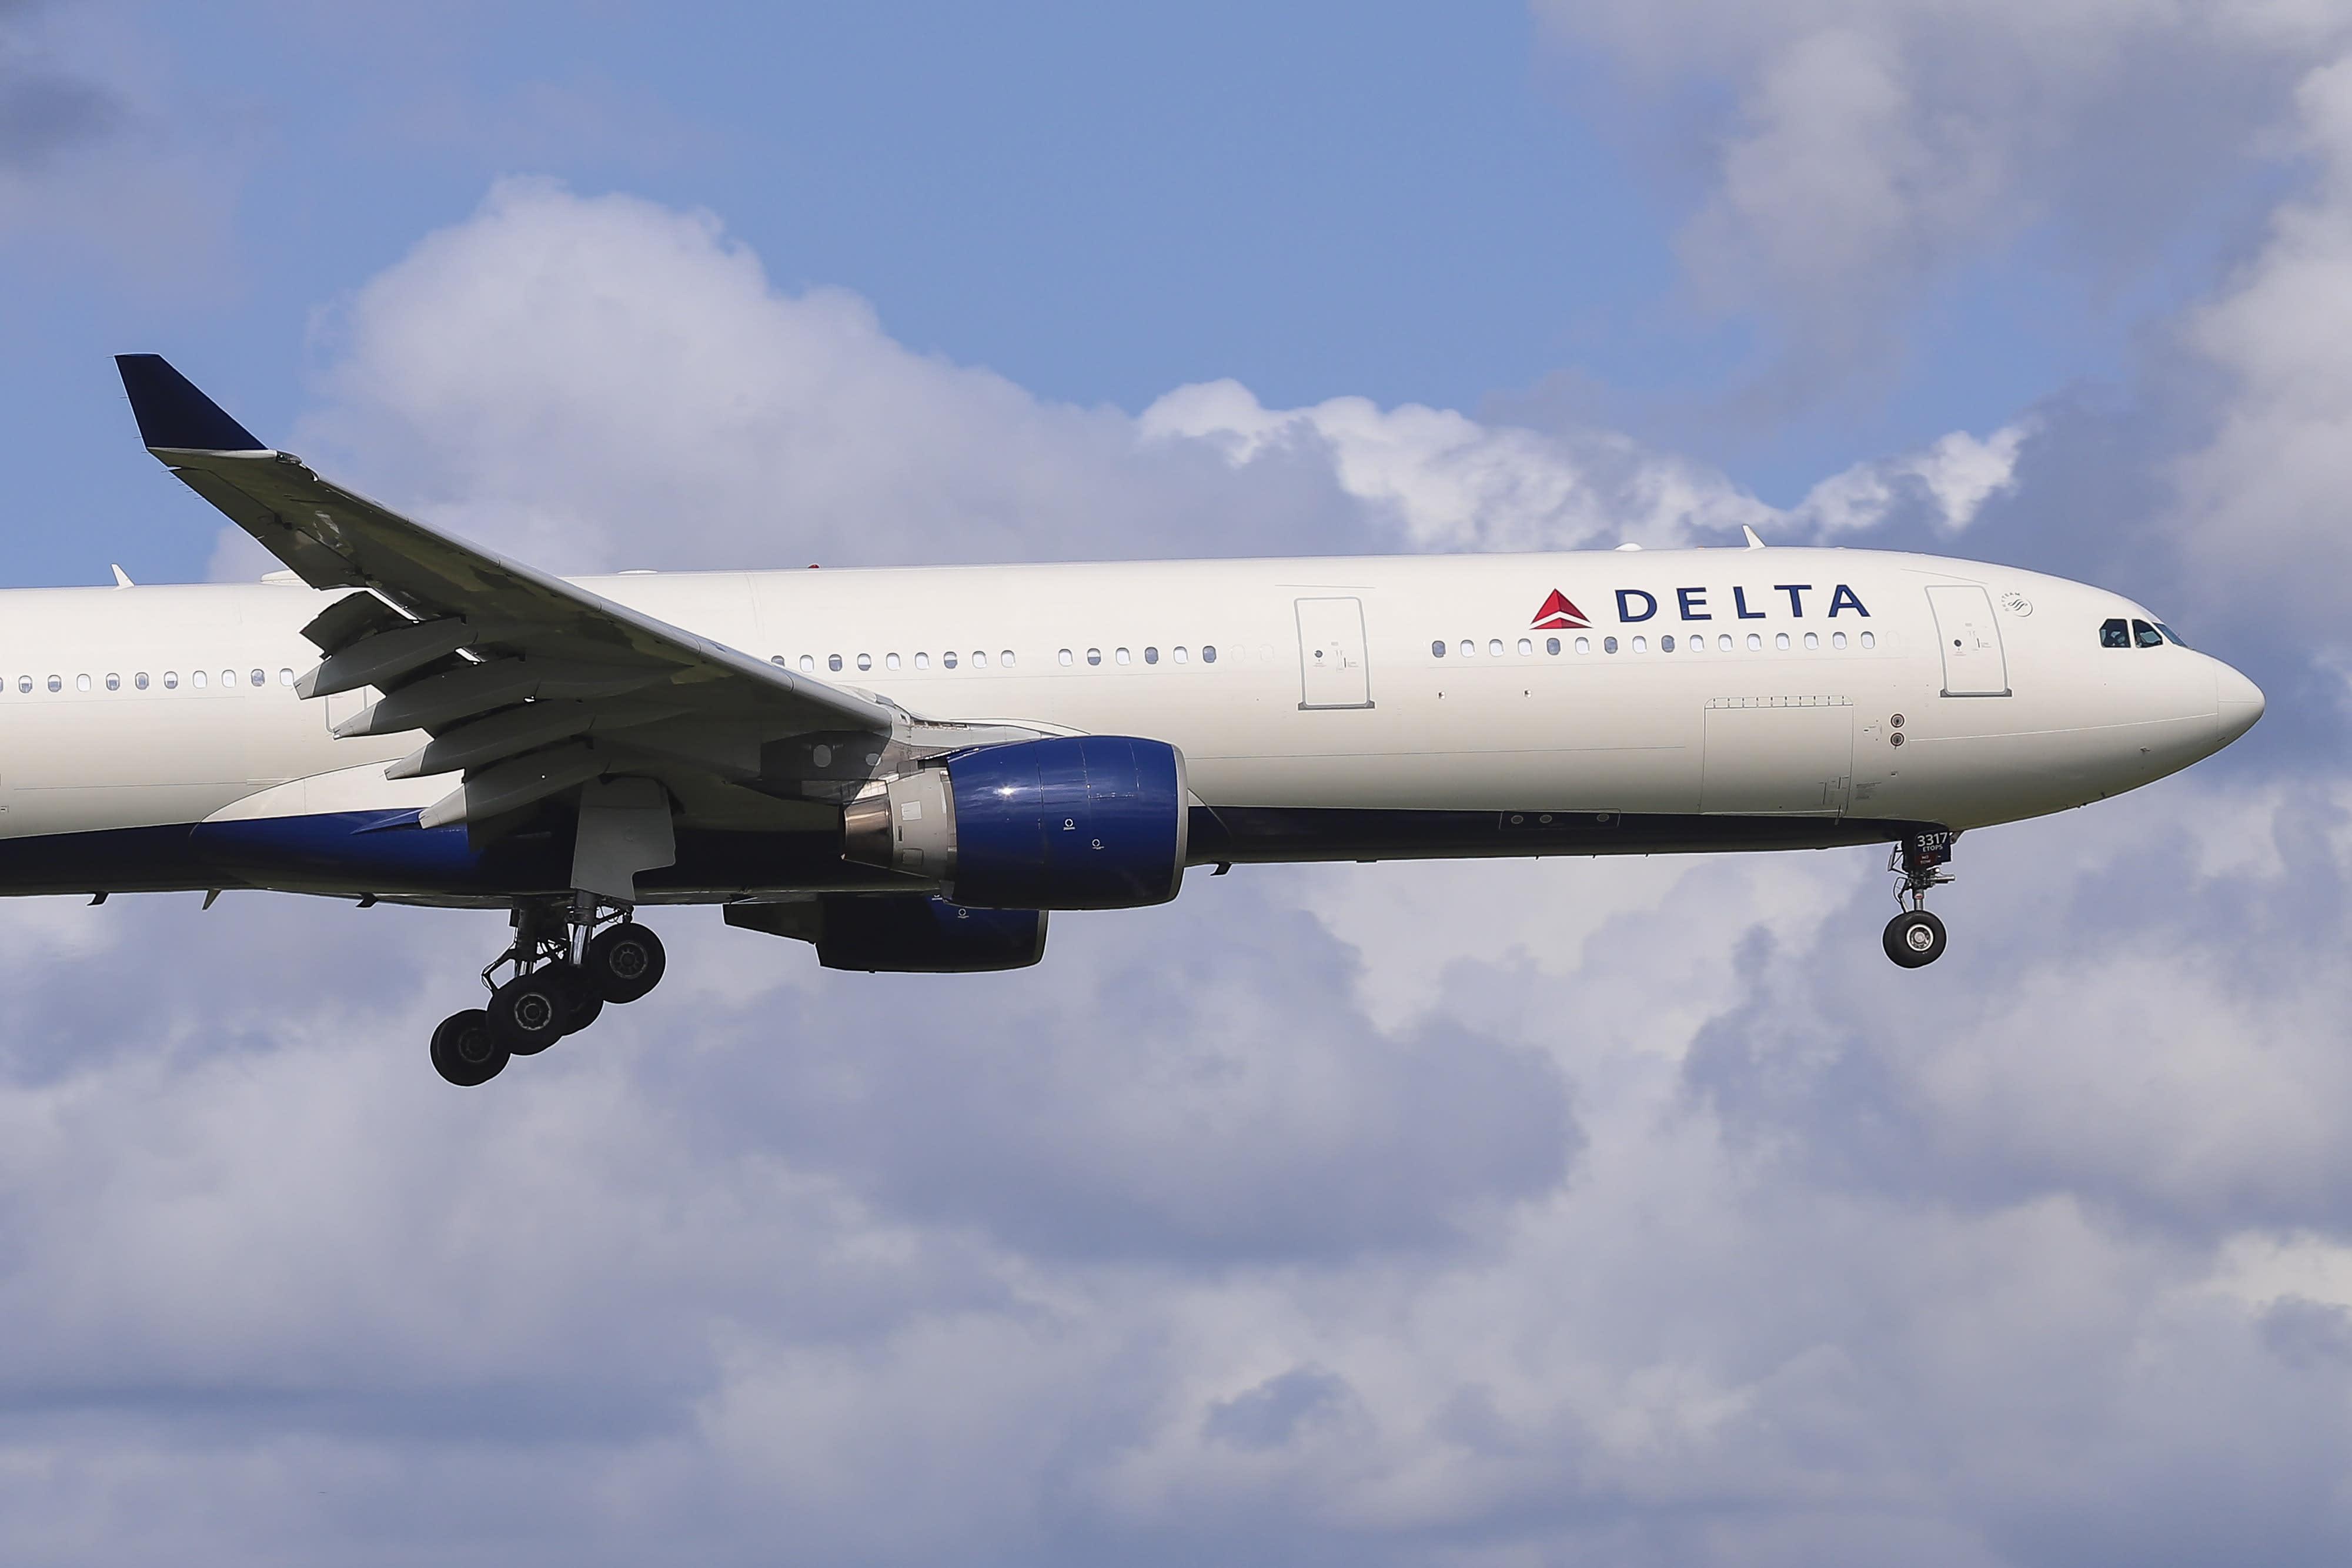 Deltas Coach Revenue Less Important As Premium Class Demand Surges